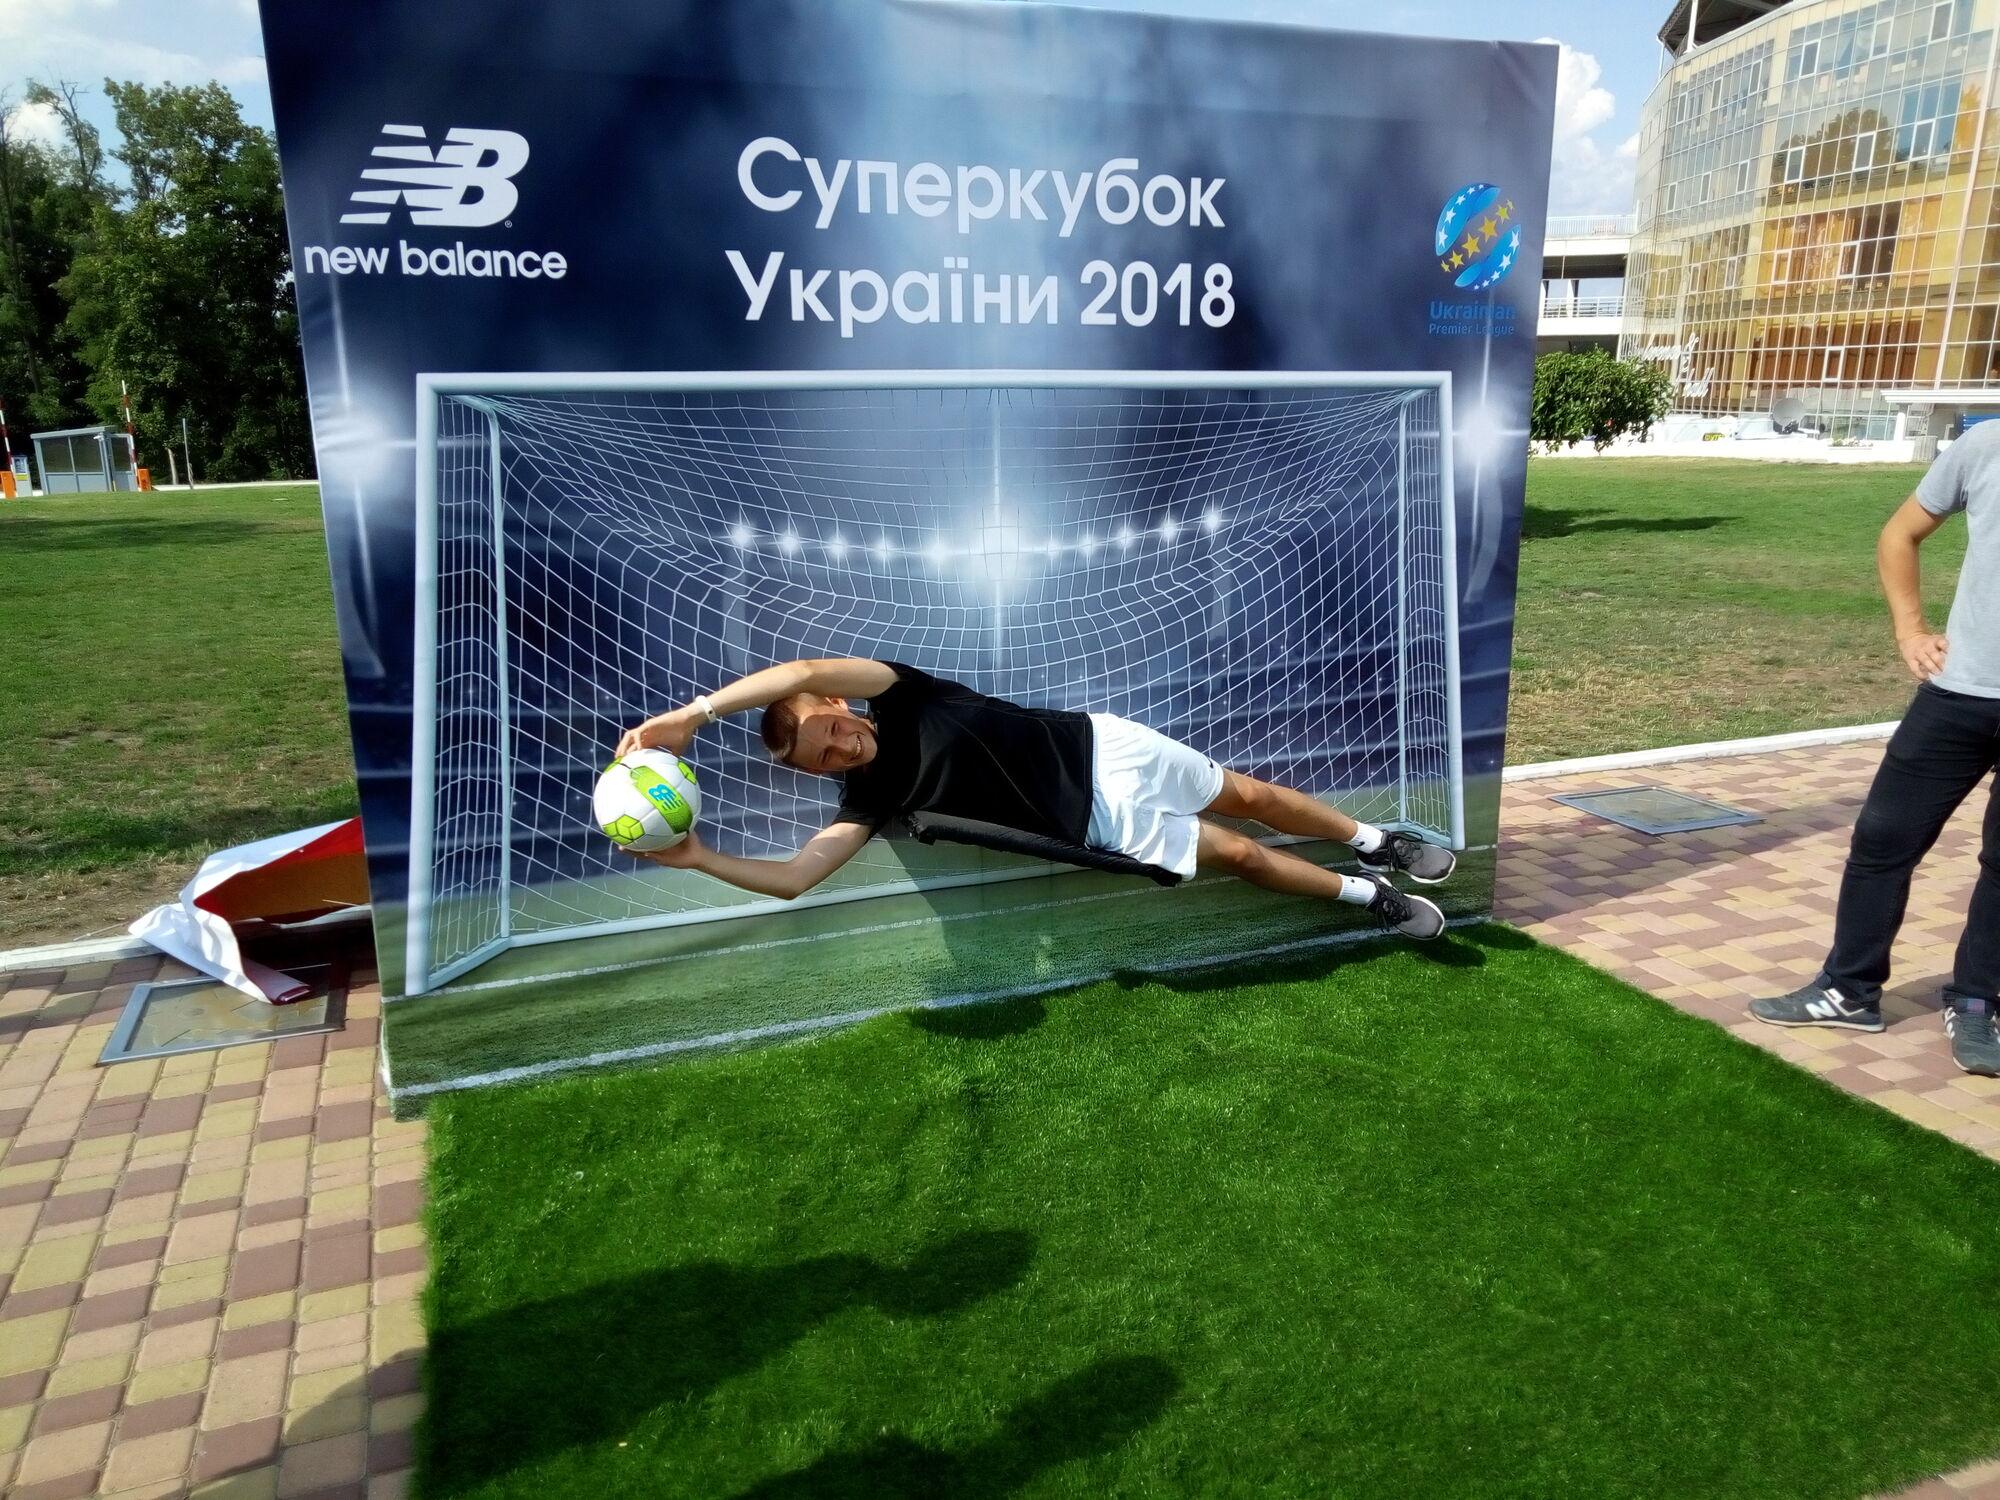 Шахтар - Динамо - 0-1: онлайн-трансляція Суперкубка України-2018